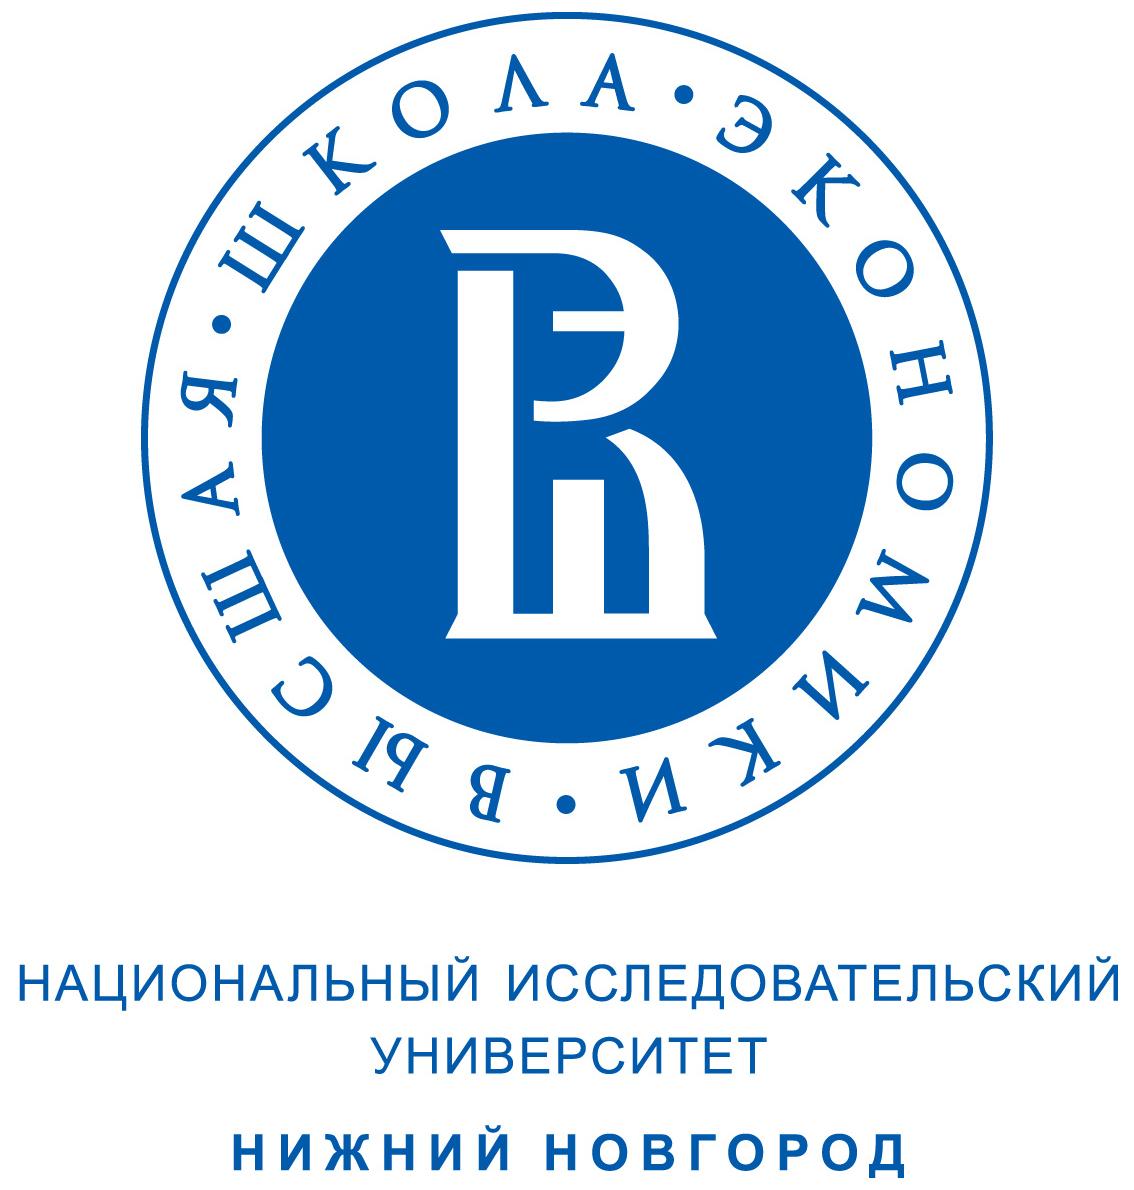 Фирменный стиль логотипы и шаблоны НИУ ВШЭ О Вышке  Русские логотипы